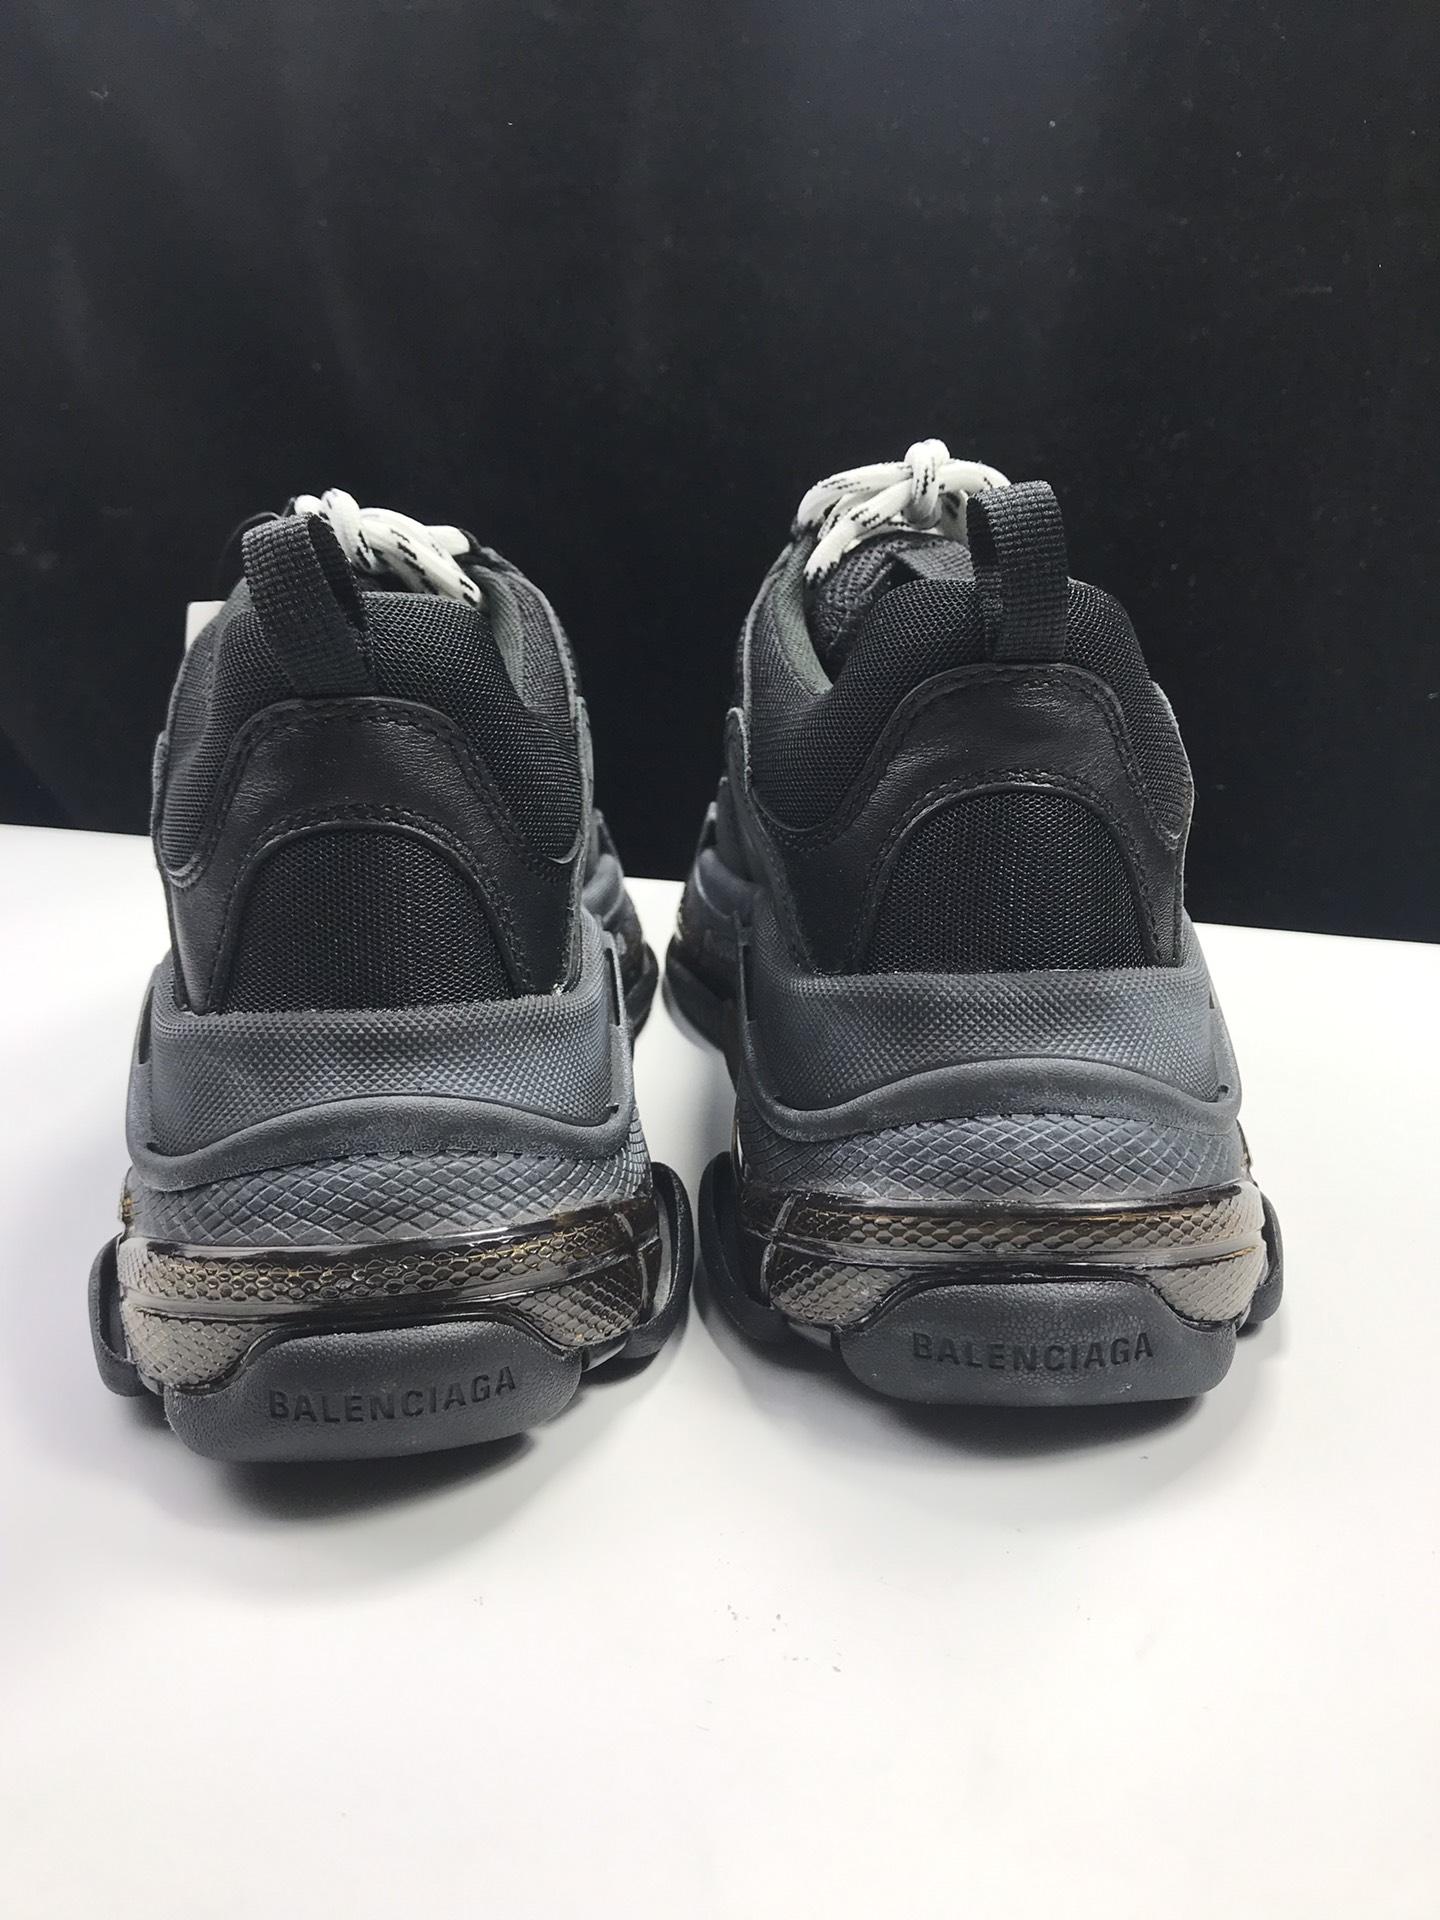 巴黎老爹鞋全黑 国产版 Balenciaga Tripe-S 巴黎世家复古老爹鞋_ljr版本aj